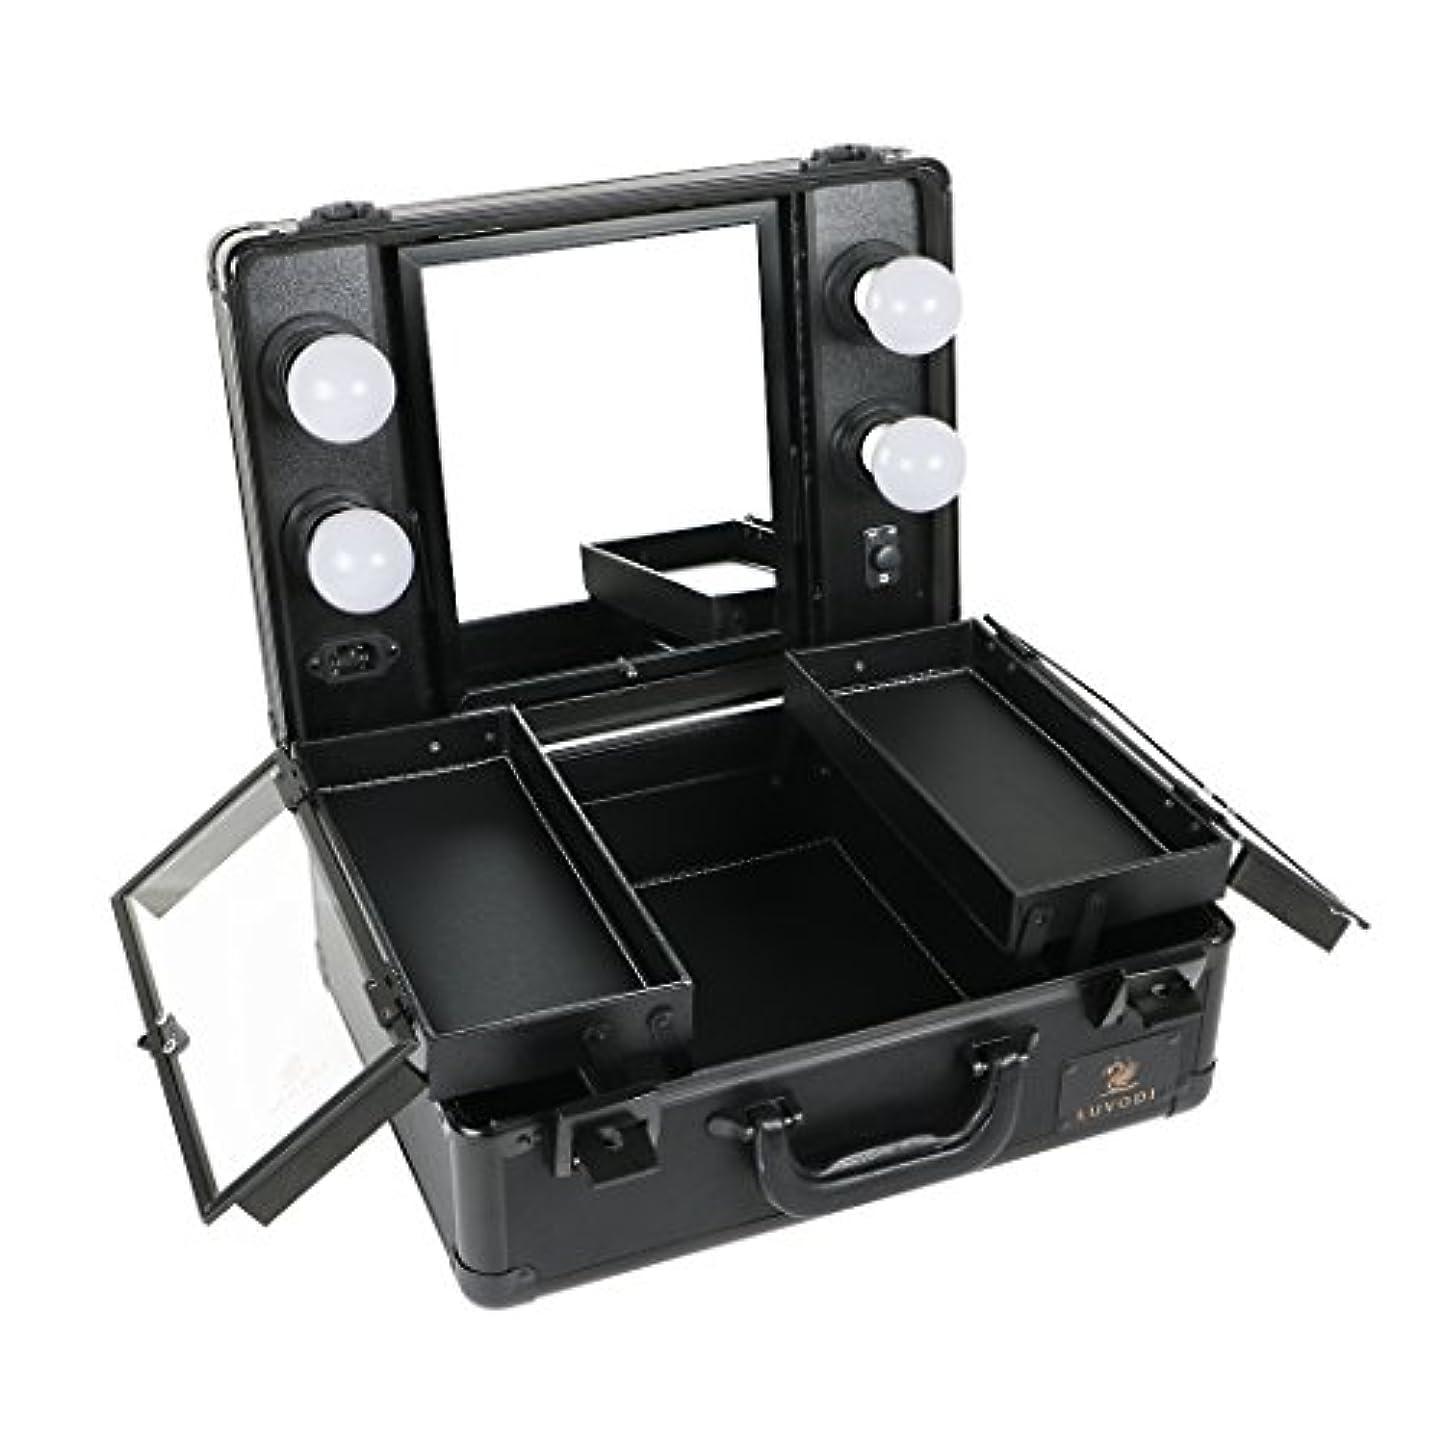 フラグラント楽観的硬いLUVODI メイクボックス 鏡付き プロ用 コスメ収納ケース 大容量 ハリウッドミラー LEDライト 調光機能付き 卓上 ミニドレッサー 持ち運び 鏡台 鍵付き おしゃれ(黒)